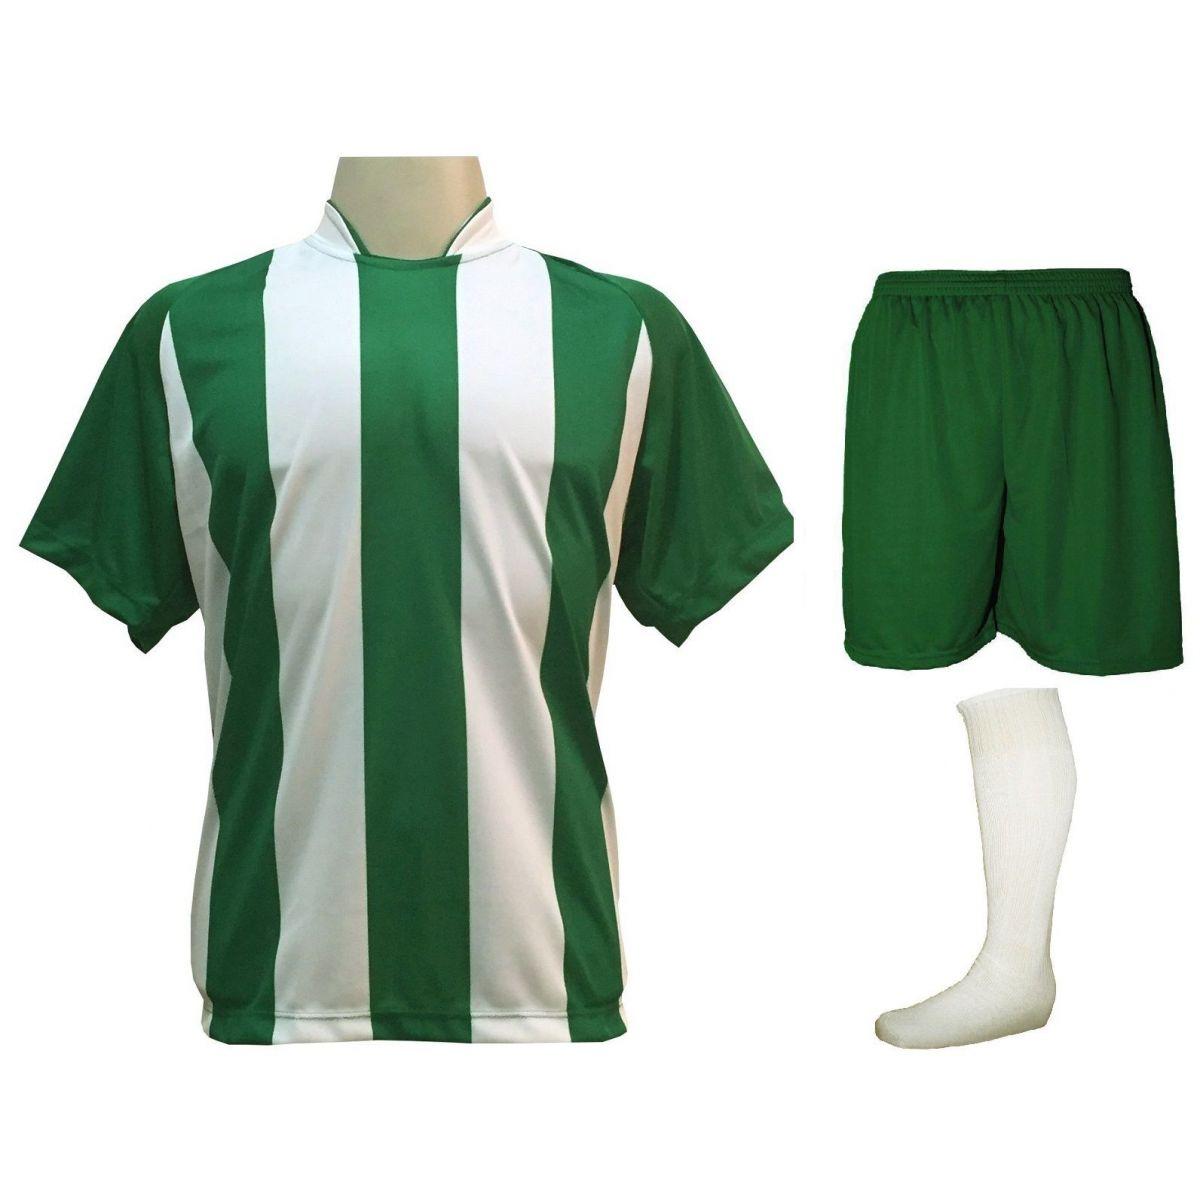 Uniforme Esportivo com 18 camisas modelo Milan Verde/Branco + 18 calções modelo Madrid Verde + 18 pares de meiões Branco